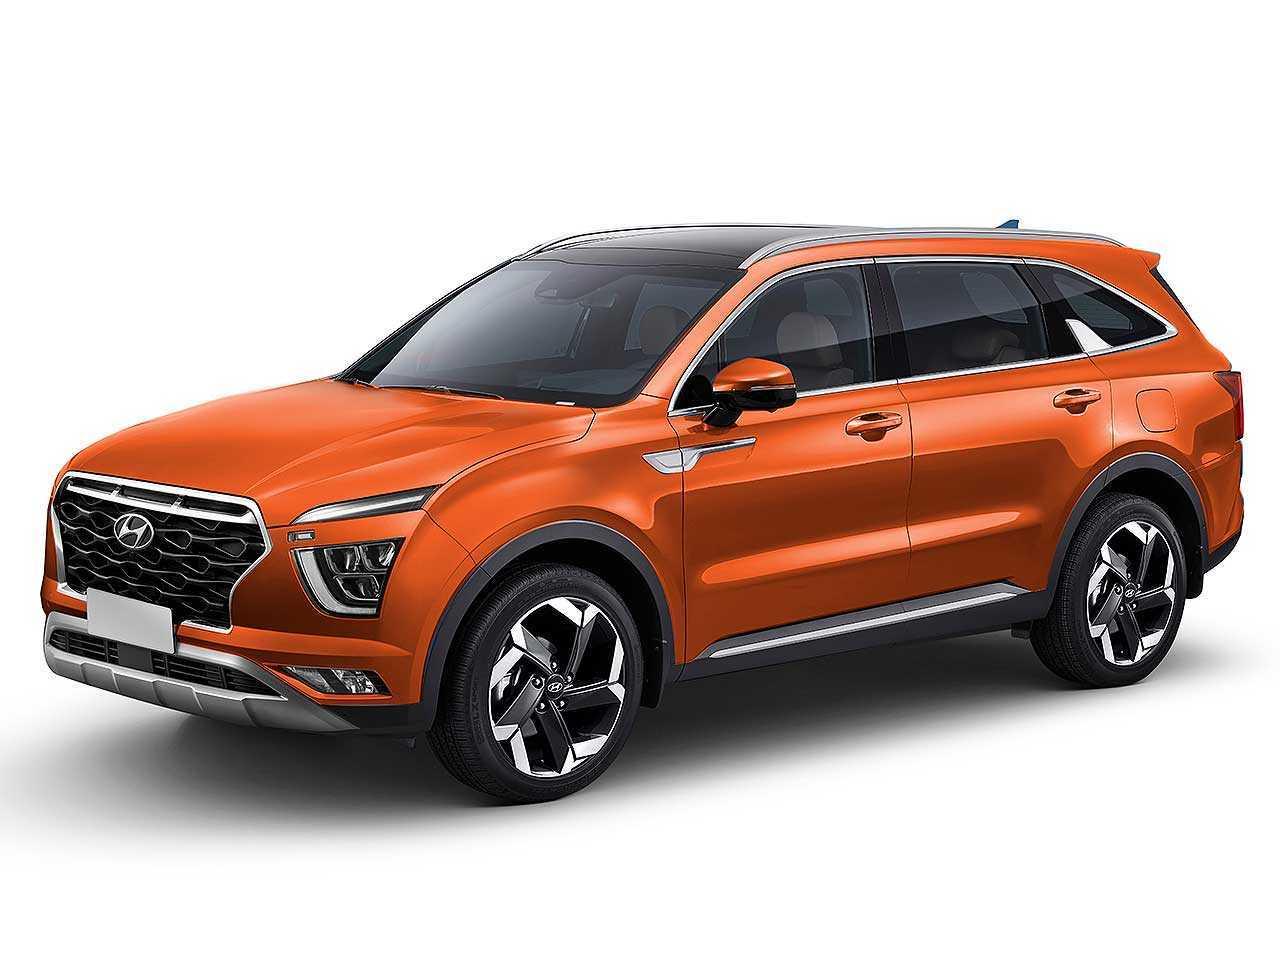 Projeção de Kleber Silva para o futuro Hyundai Alcazar